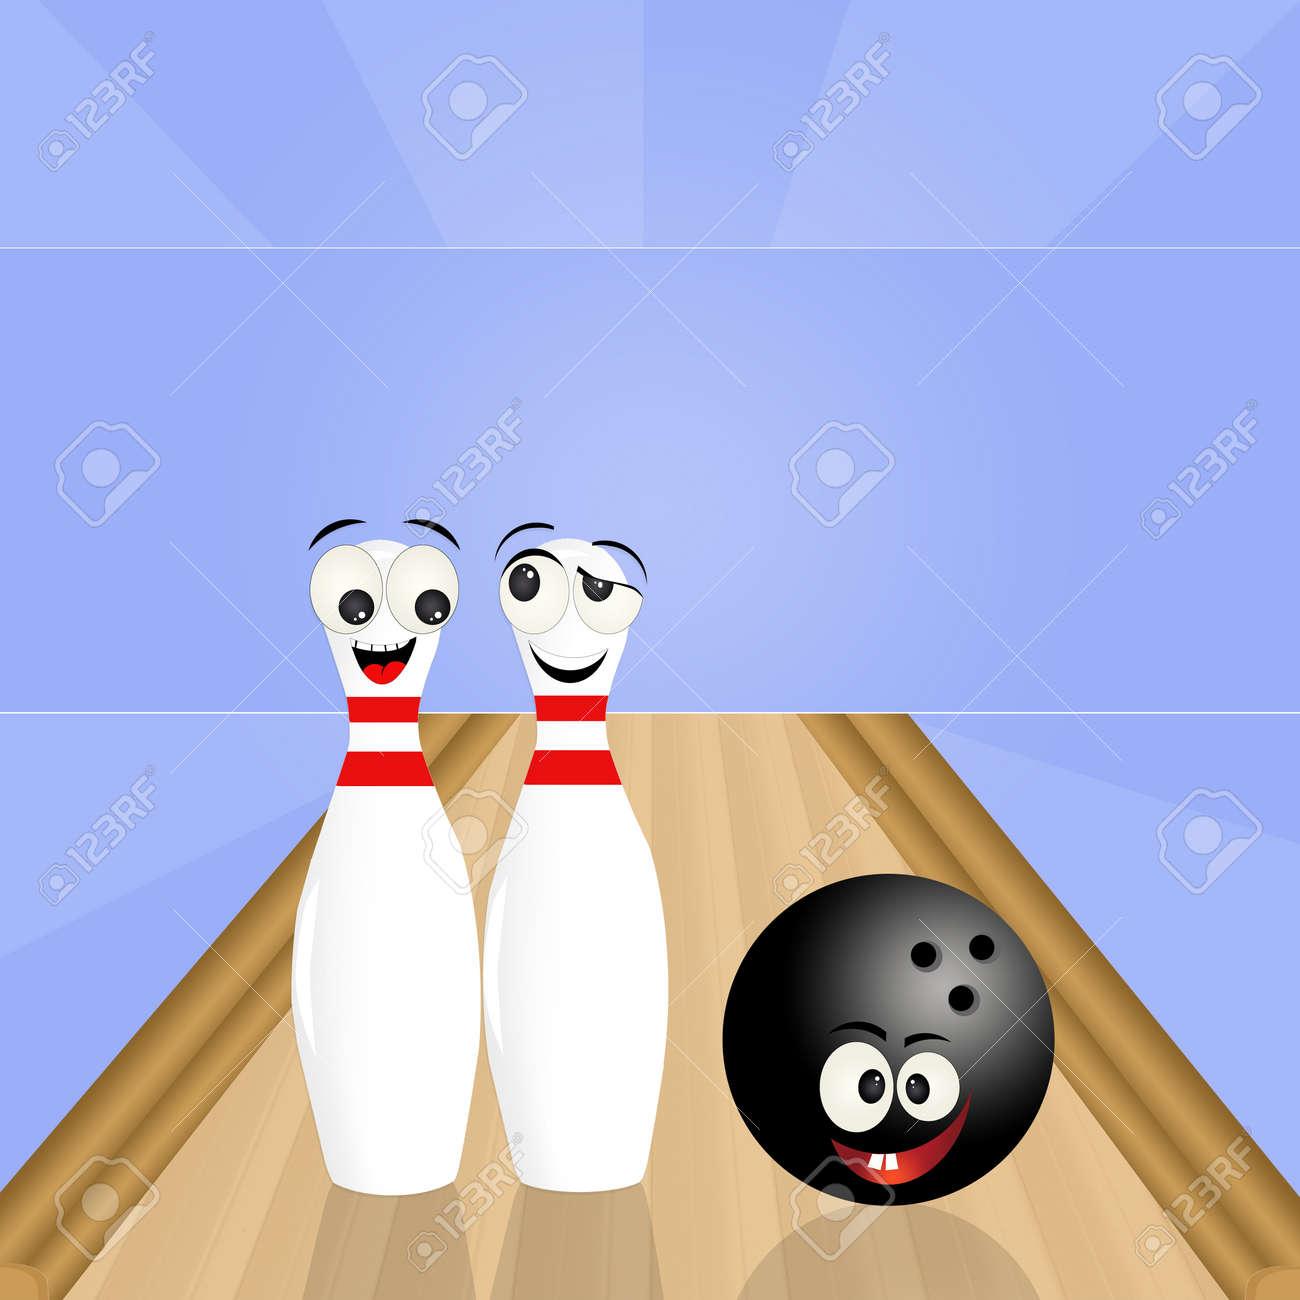 cute bowling pins